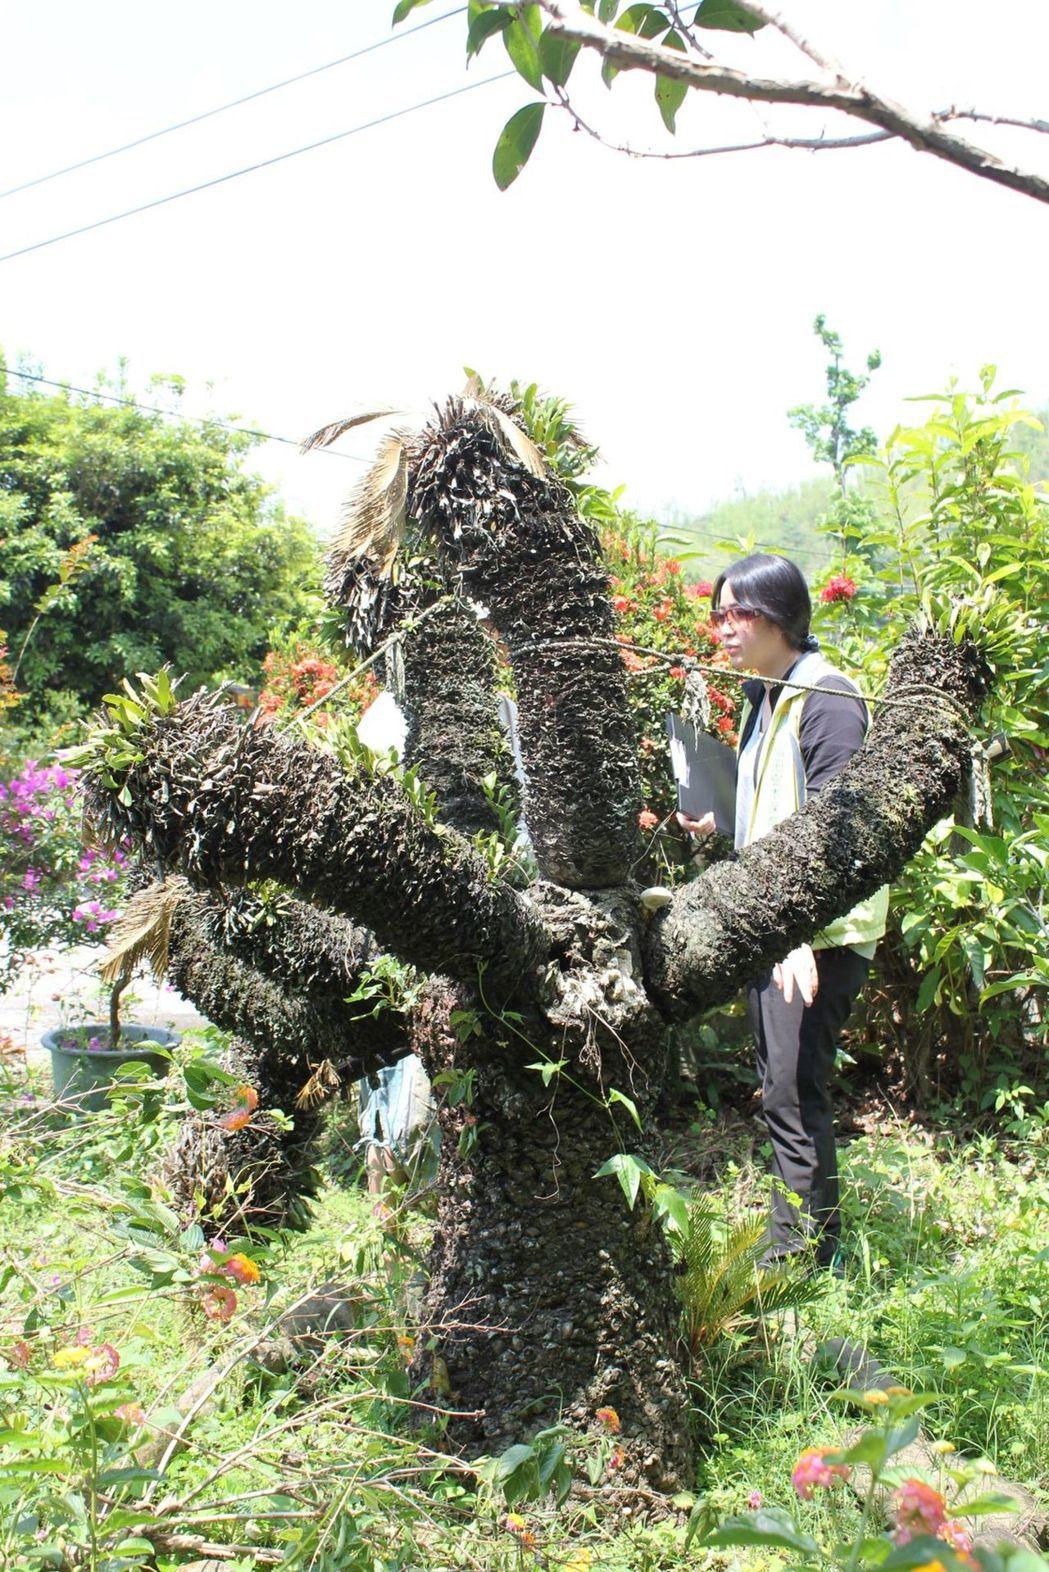 福田樹木保育基金會表示,這棵生病的蘇鐵,對鍾理和家族具有珍貴的回憶,基於對台灣文...